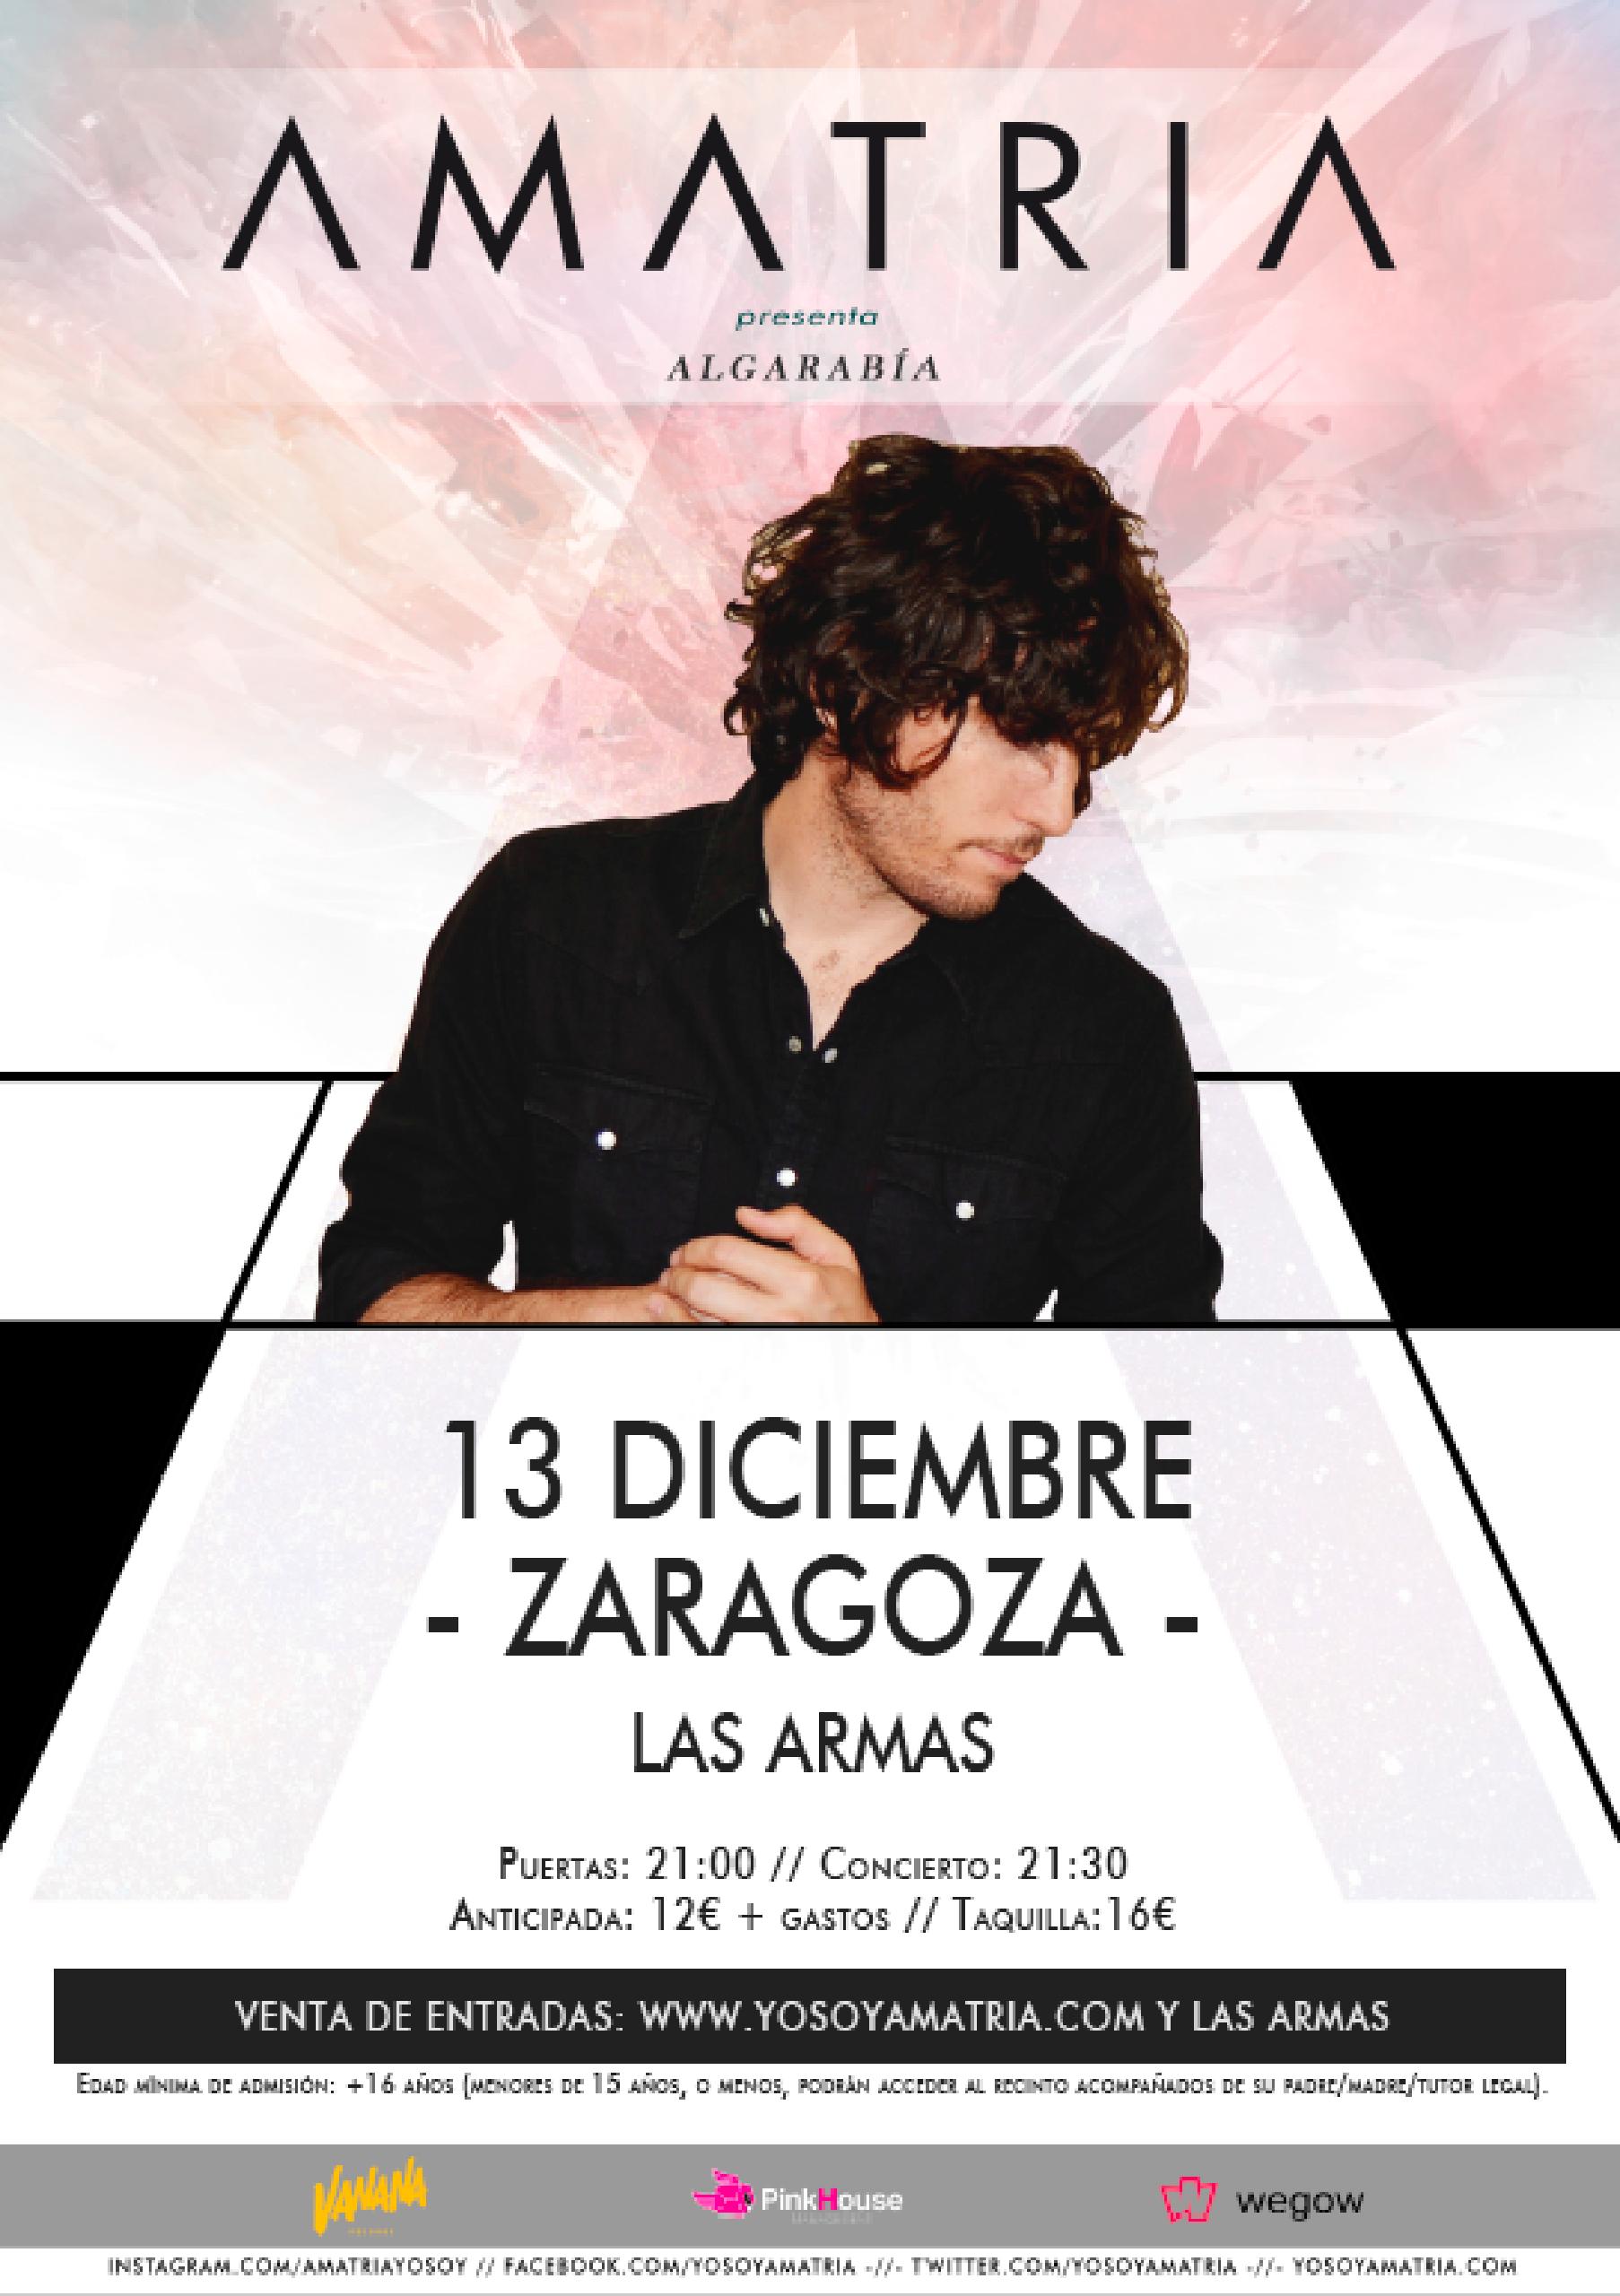 Cartel Amatria Zaragoza